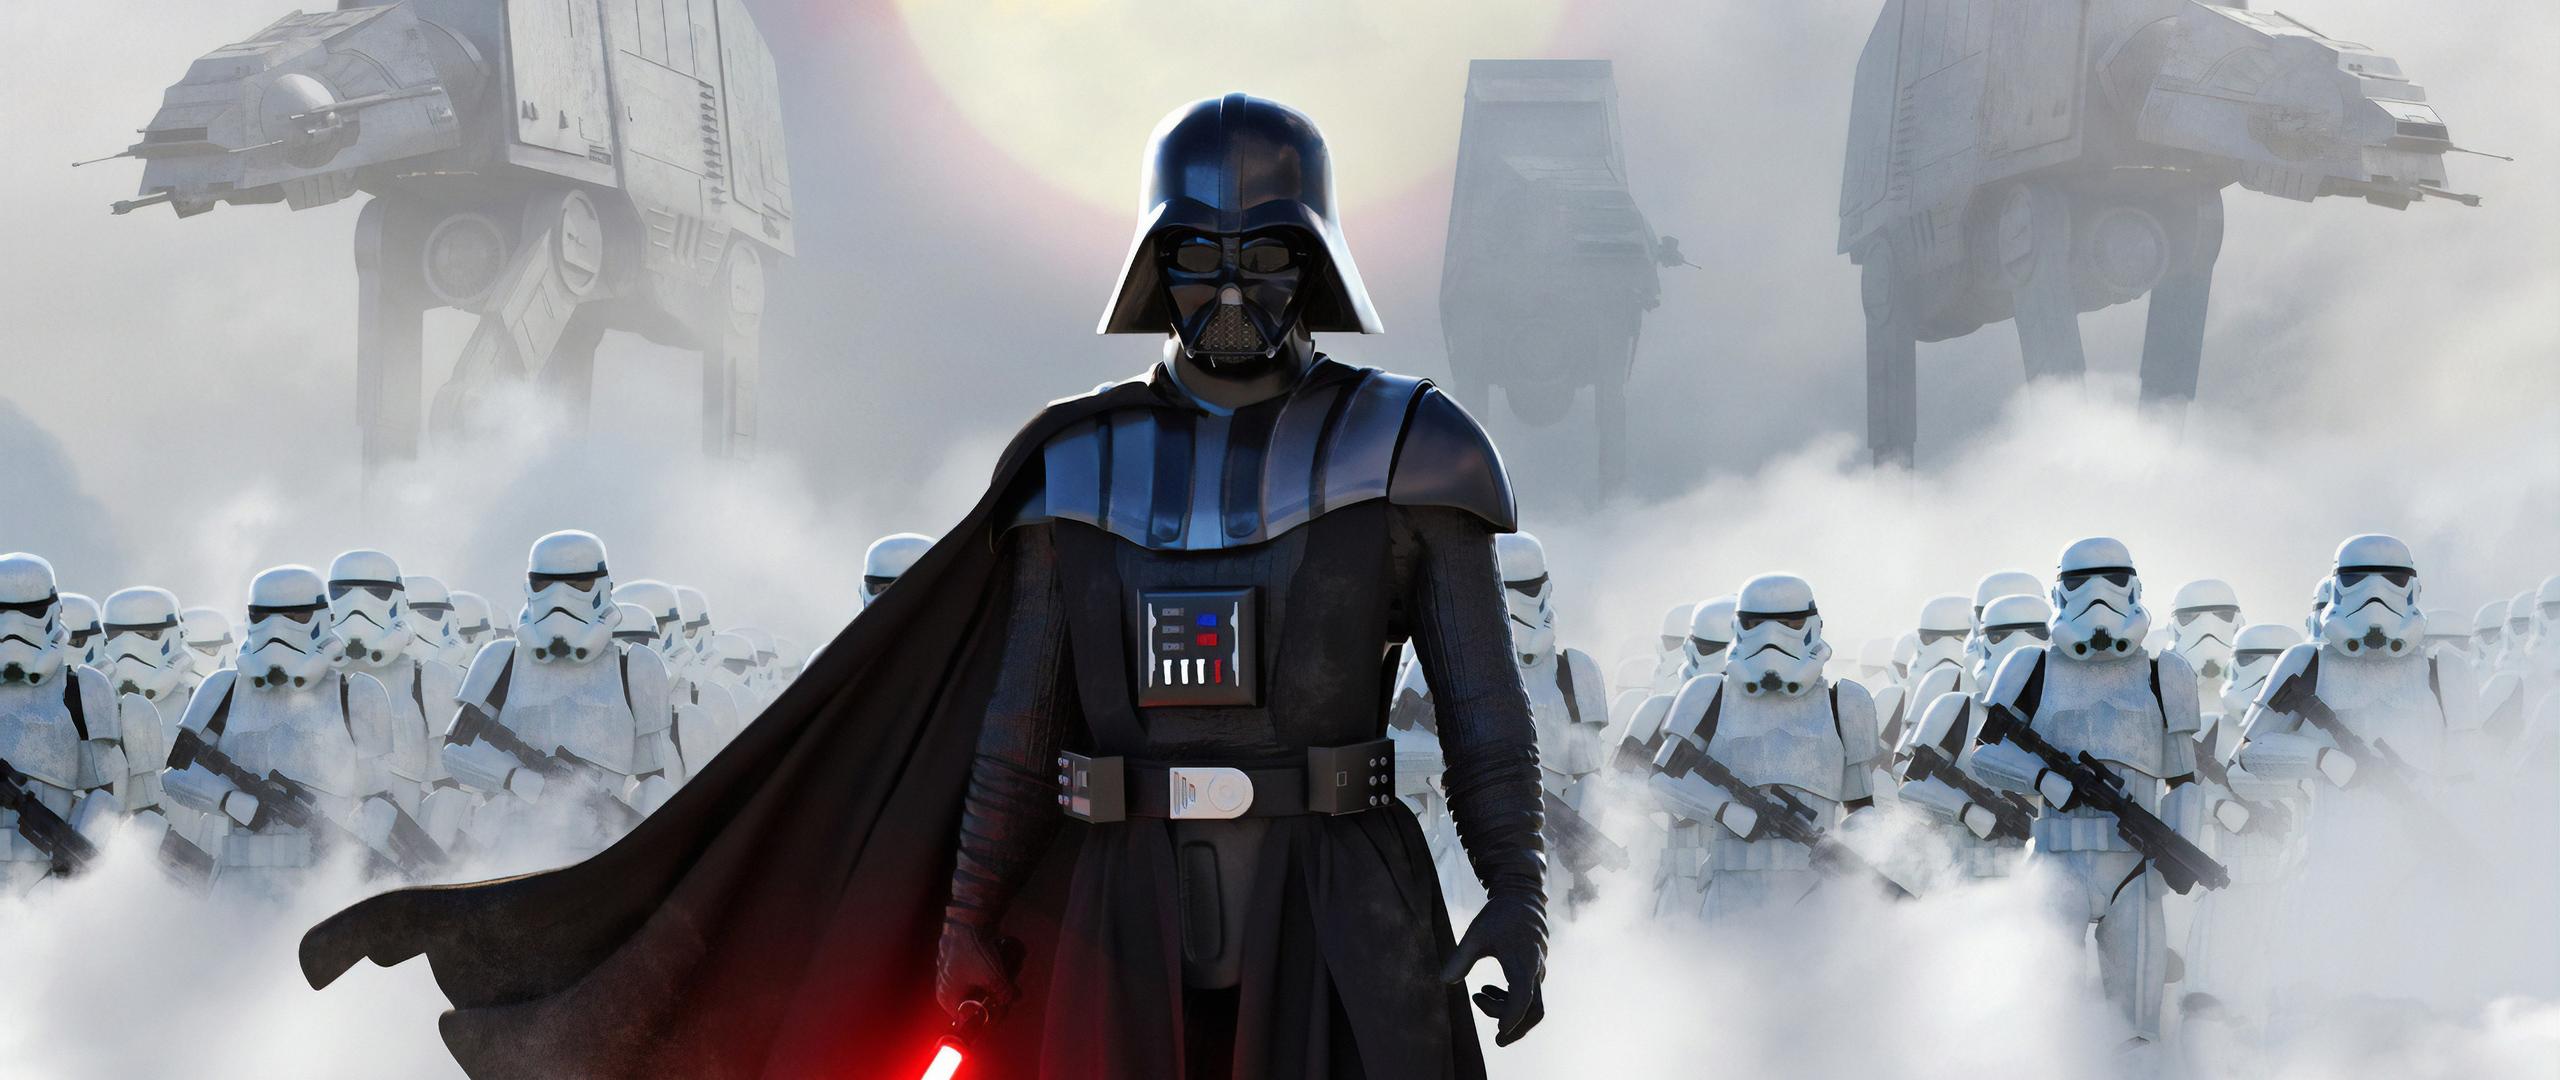 2560x1080 4k Darth Vader 2560x1080 Resolution Hd 4k